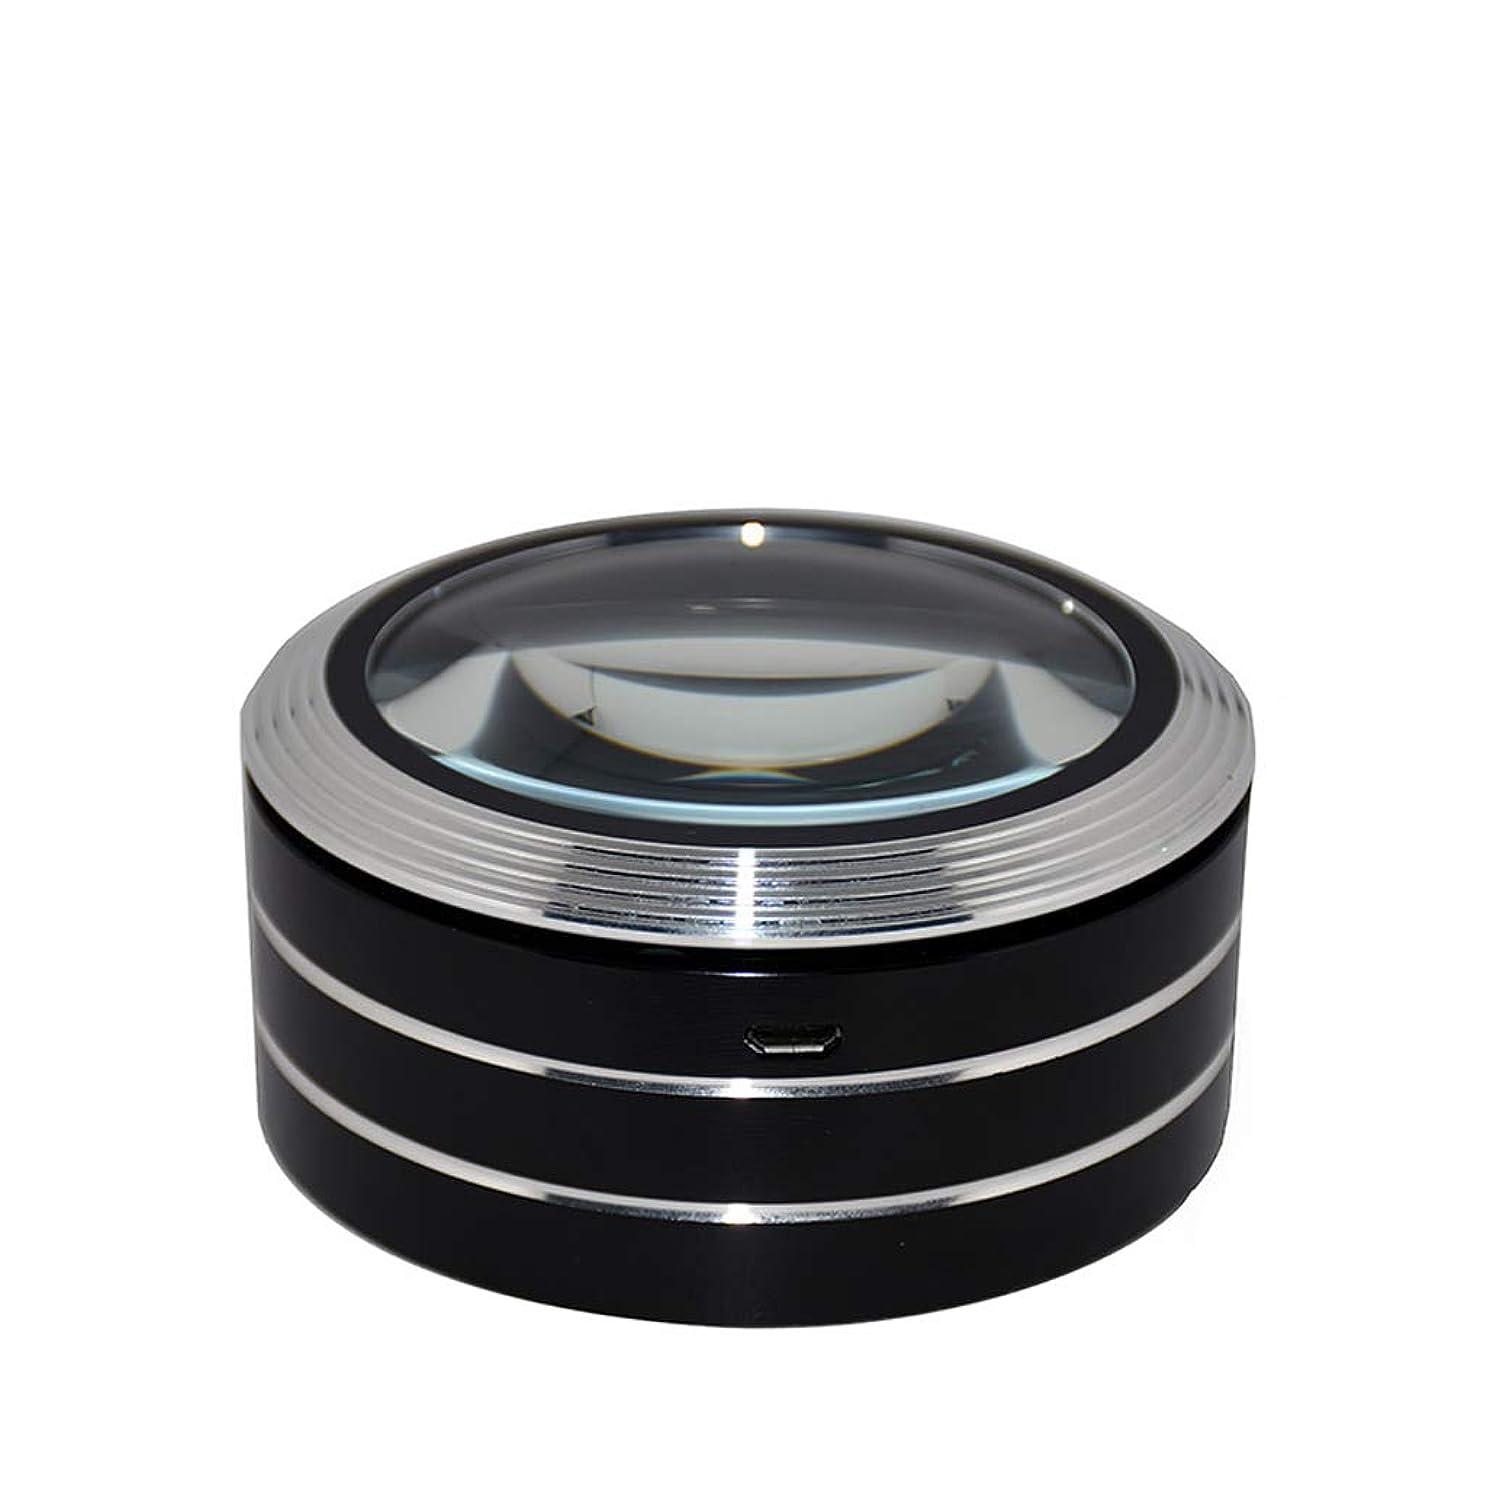 倒錯保証金署名拡大鏡HD充電拡大鏡LEDライト拡大鏡光学レンズ拡大鏡ミニハンドヘルド拡大鏡